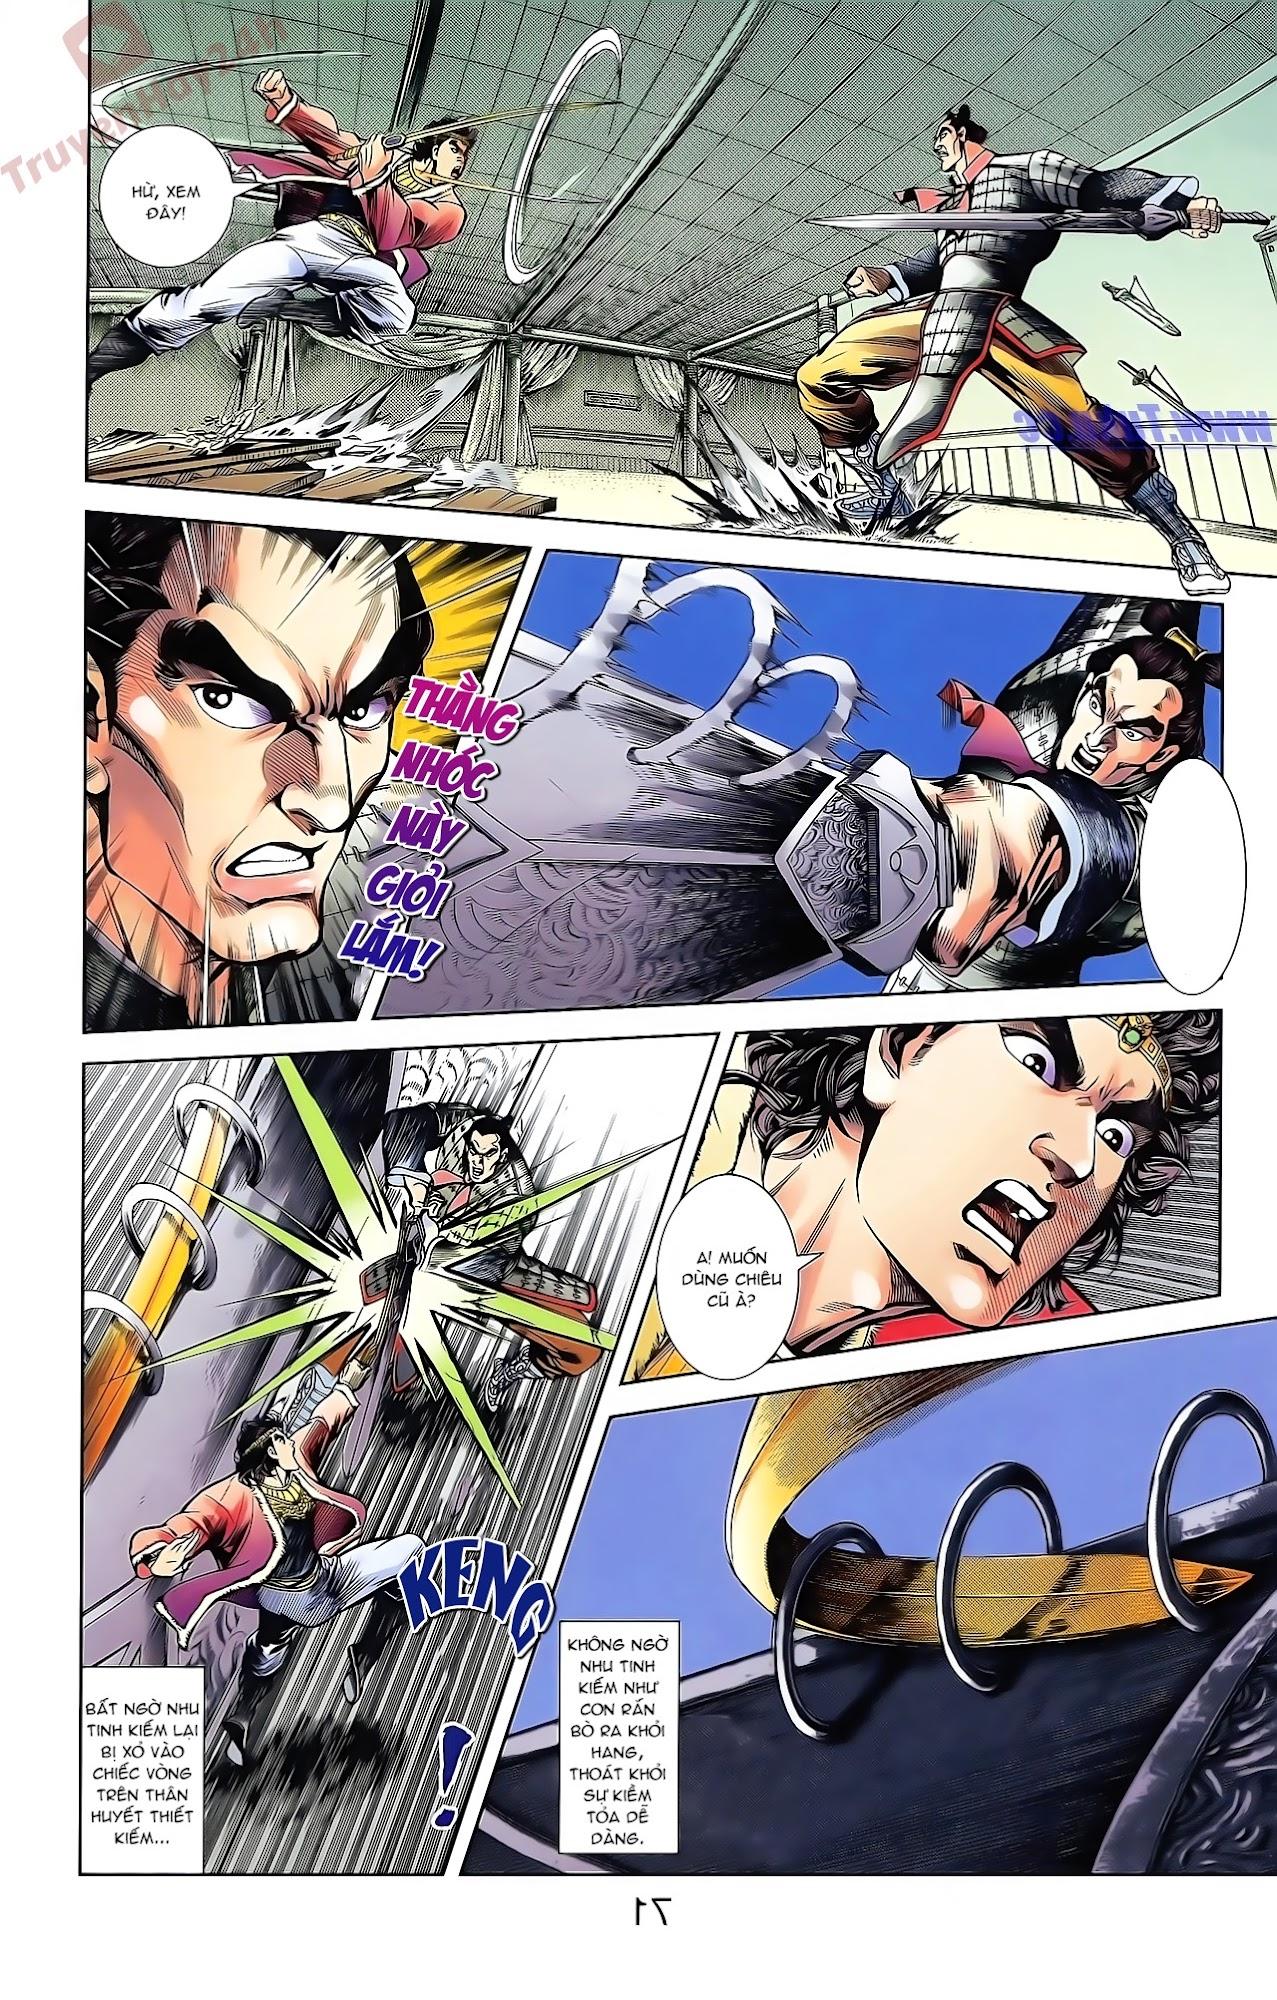 Tần Vương Doanh Chính chapter 42 trang 5